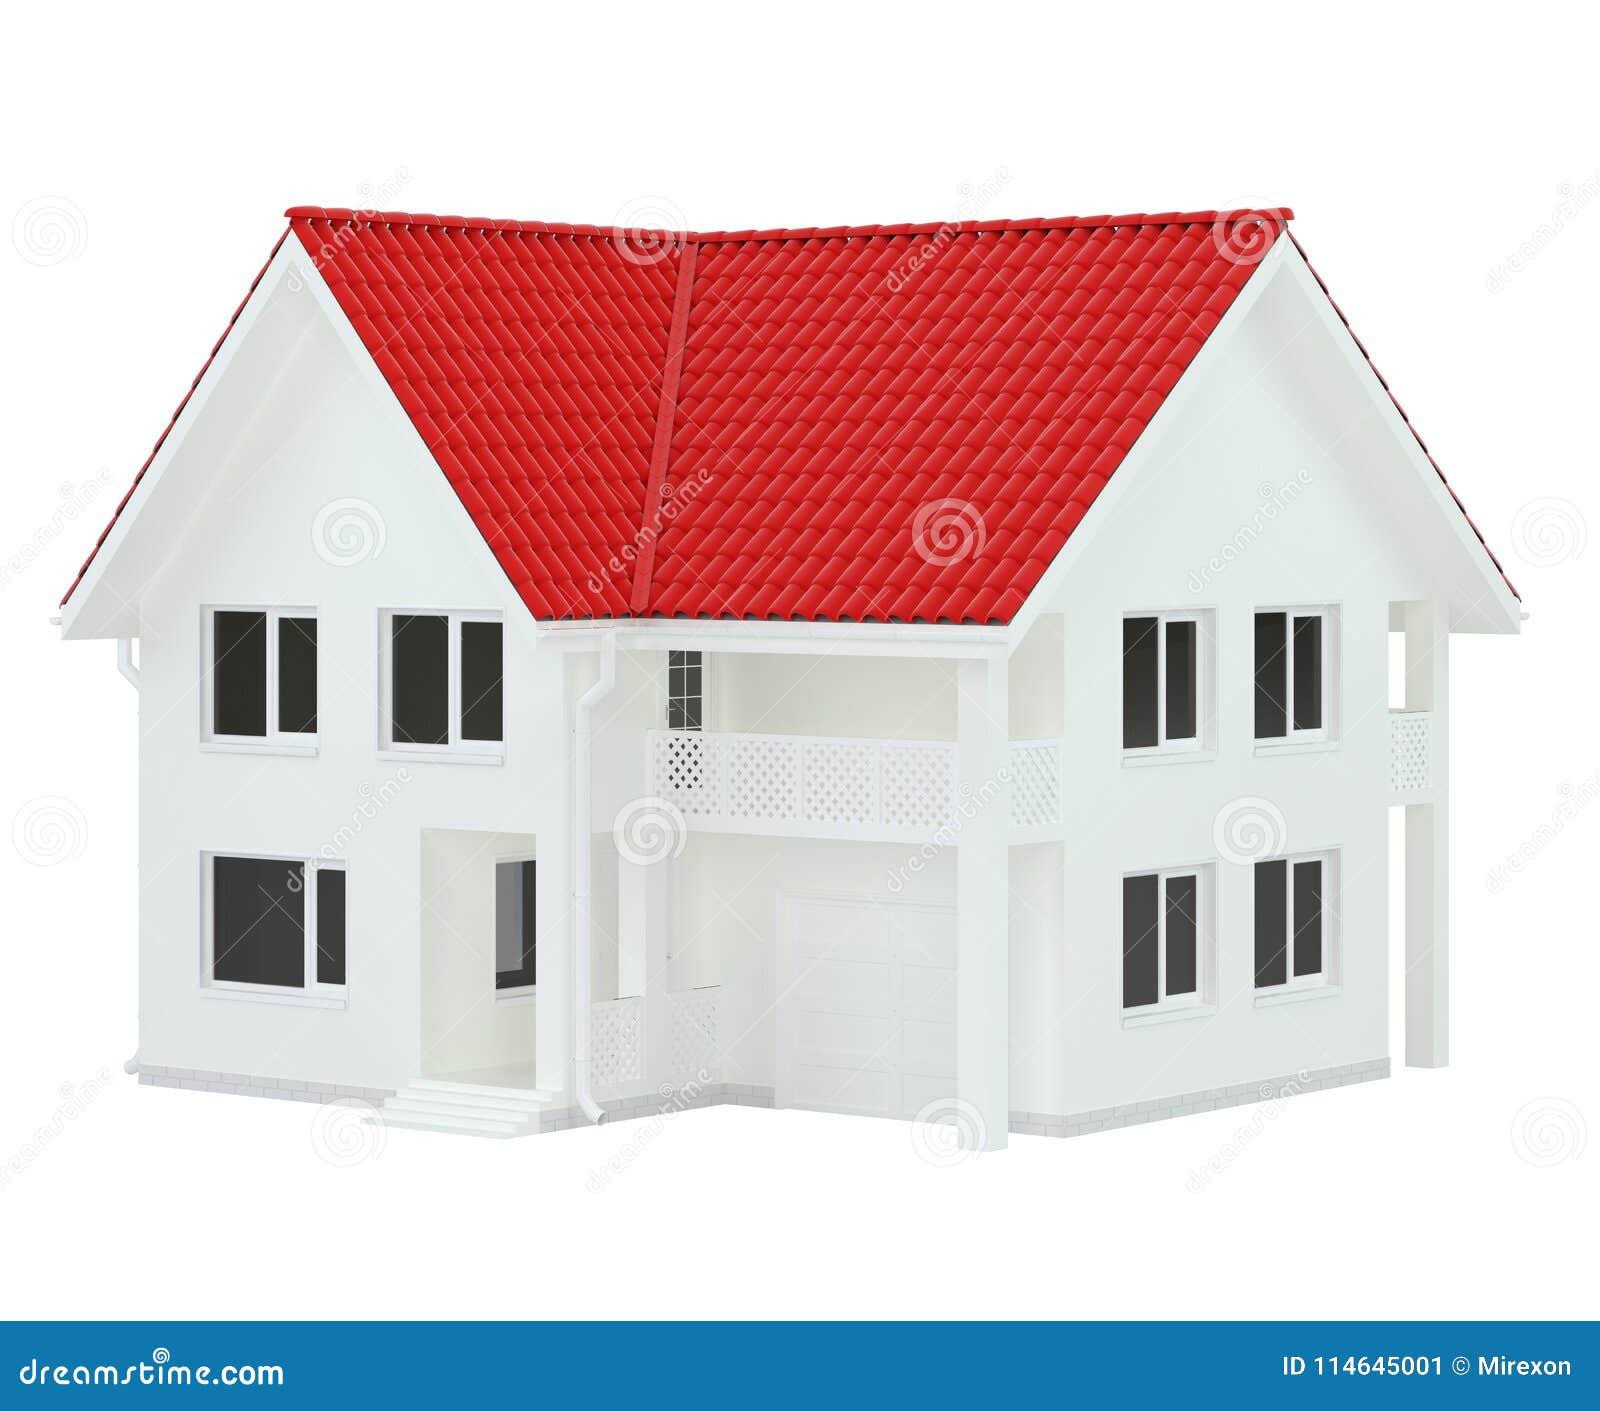 Bringen Sie Moderne Zeitgenössische Art Mit Dem Roten Dach Unter ...